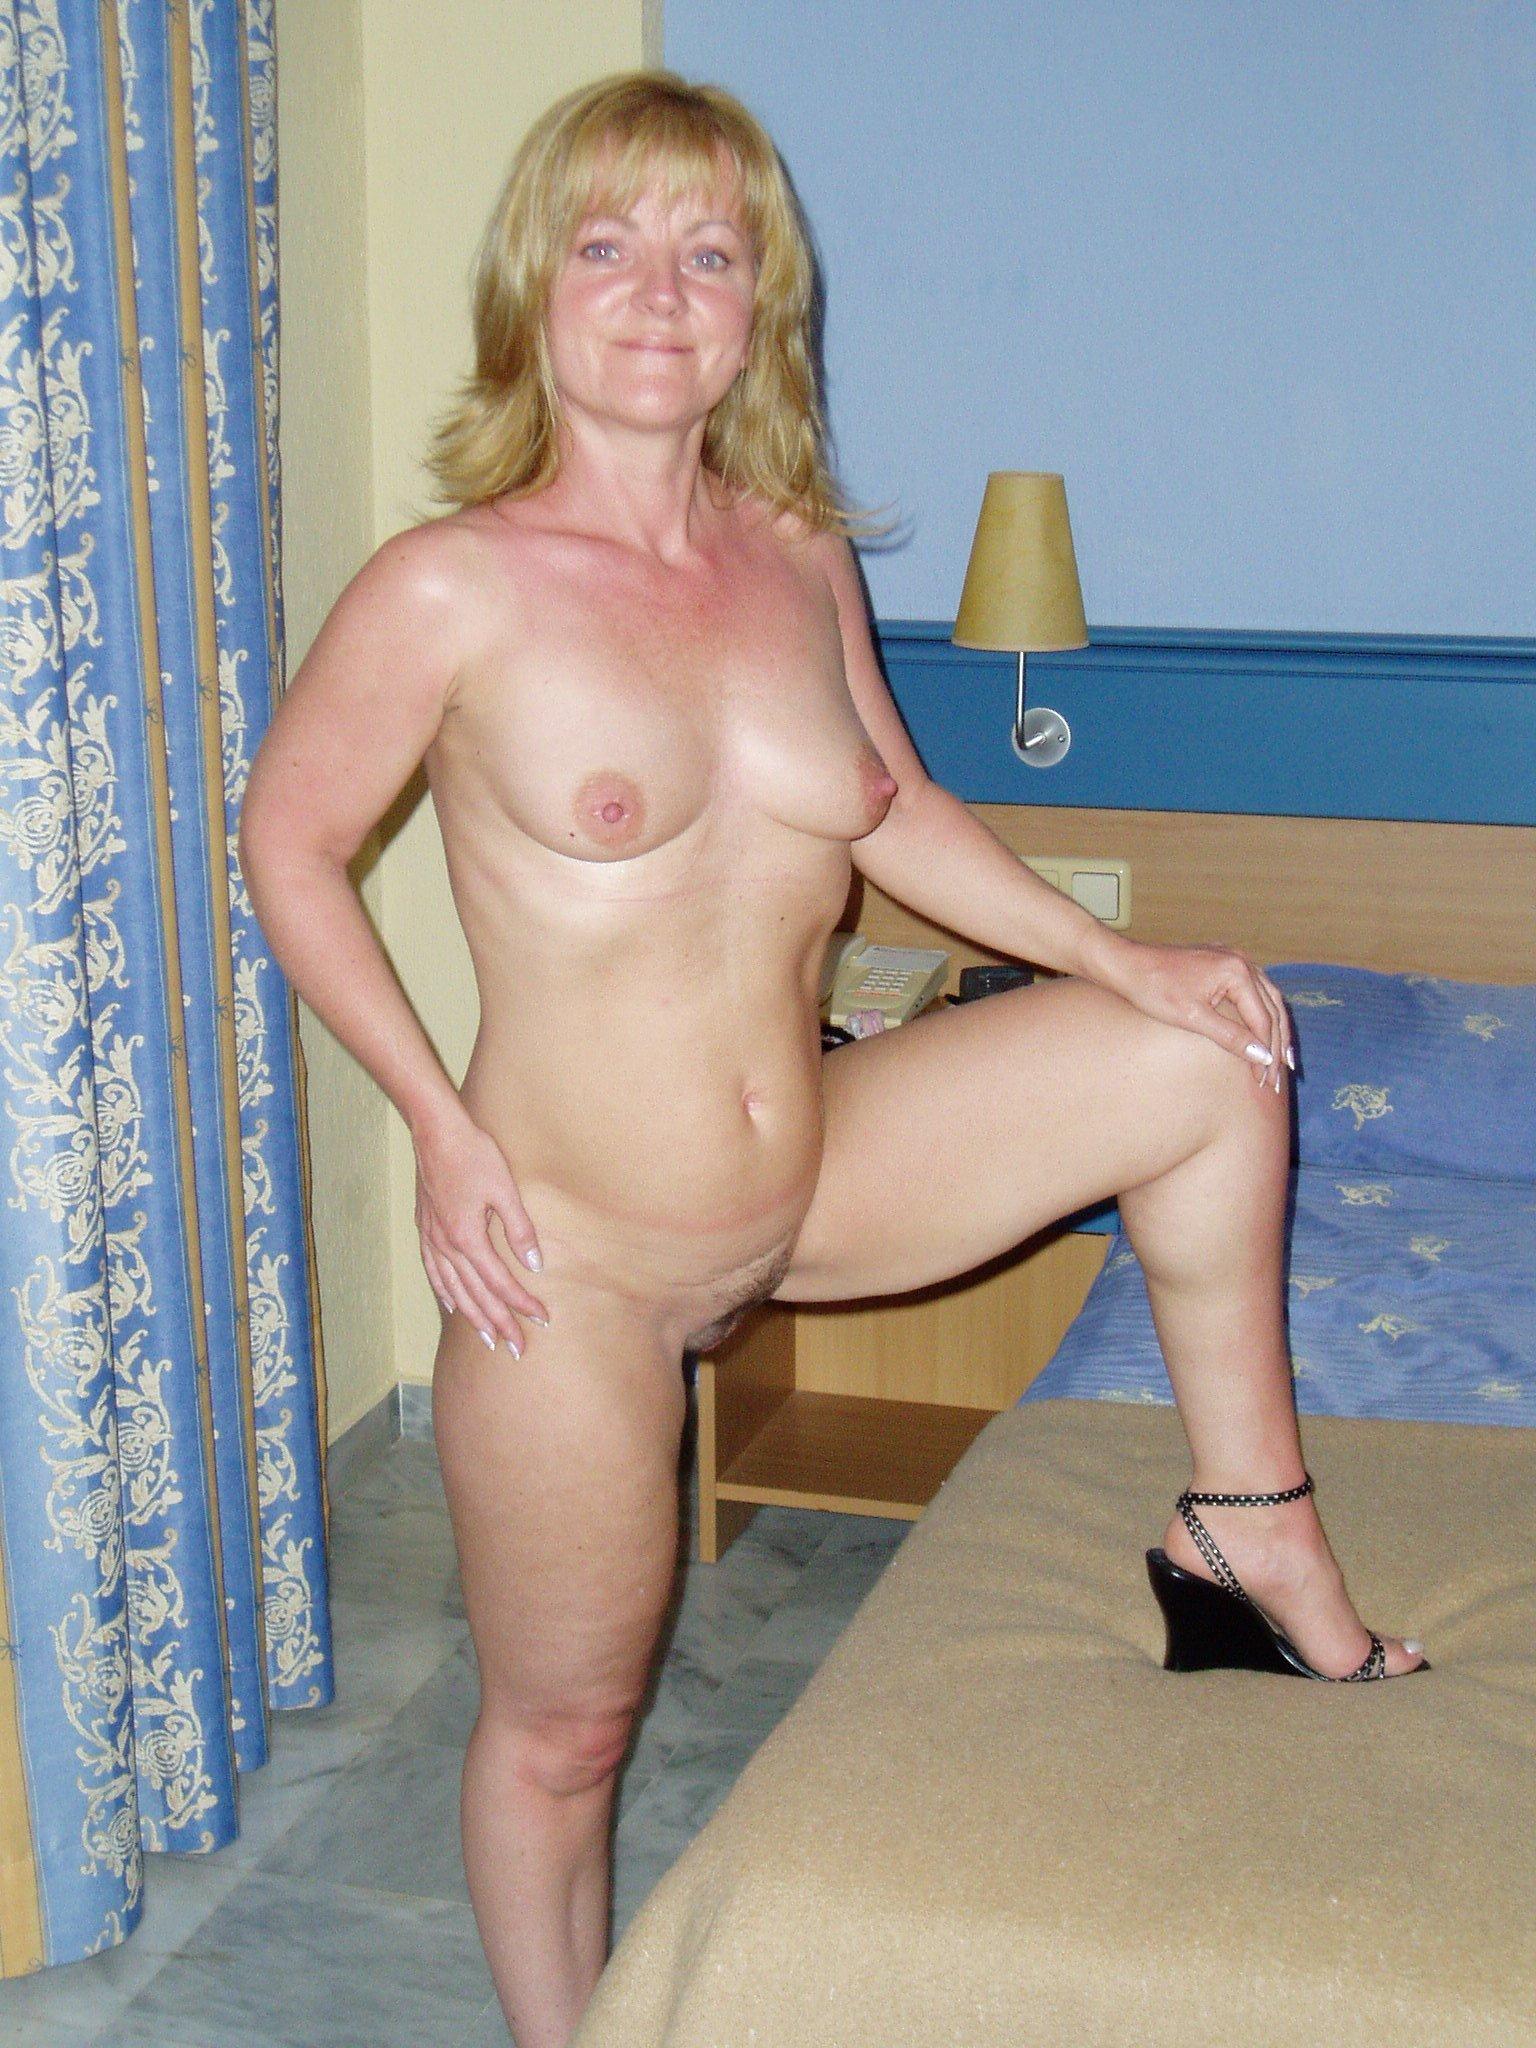 Amateur Mature Porn Photo amature naked mature woman. hot porn 100% free pic. comments: 1